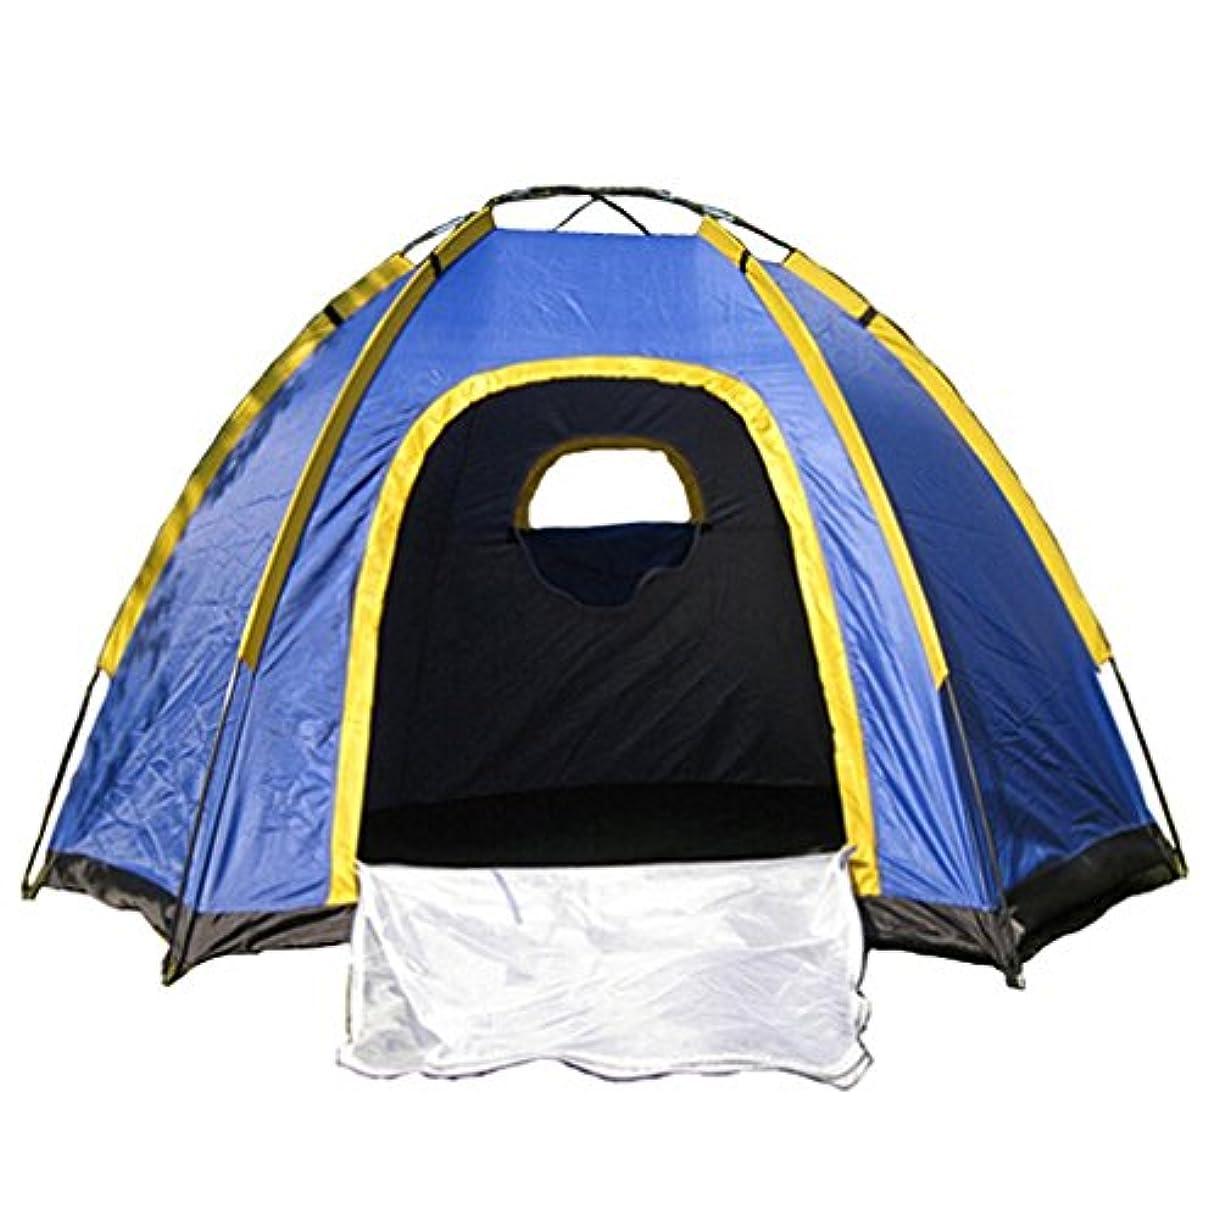 繊維財団重要な役割を果たす、中心的な手段となるテント OUTAD 六角テント 3-4人用超大キャンプテント ハイキング 防水